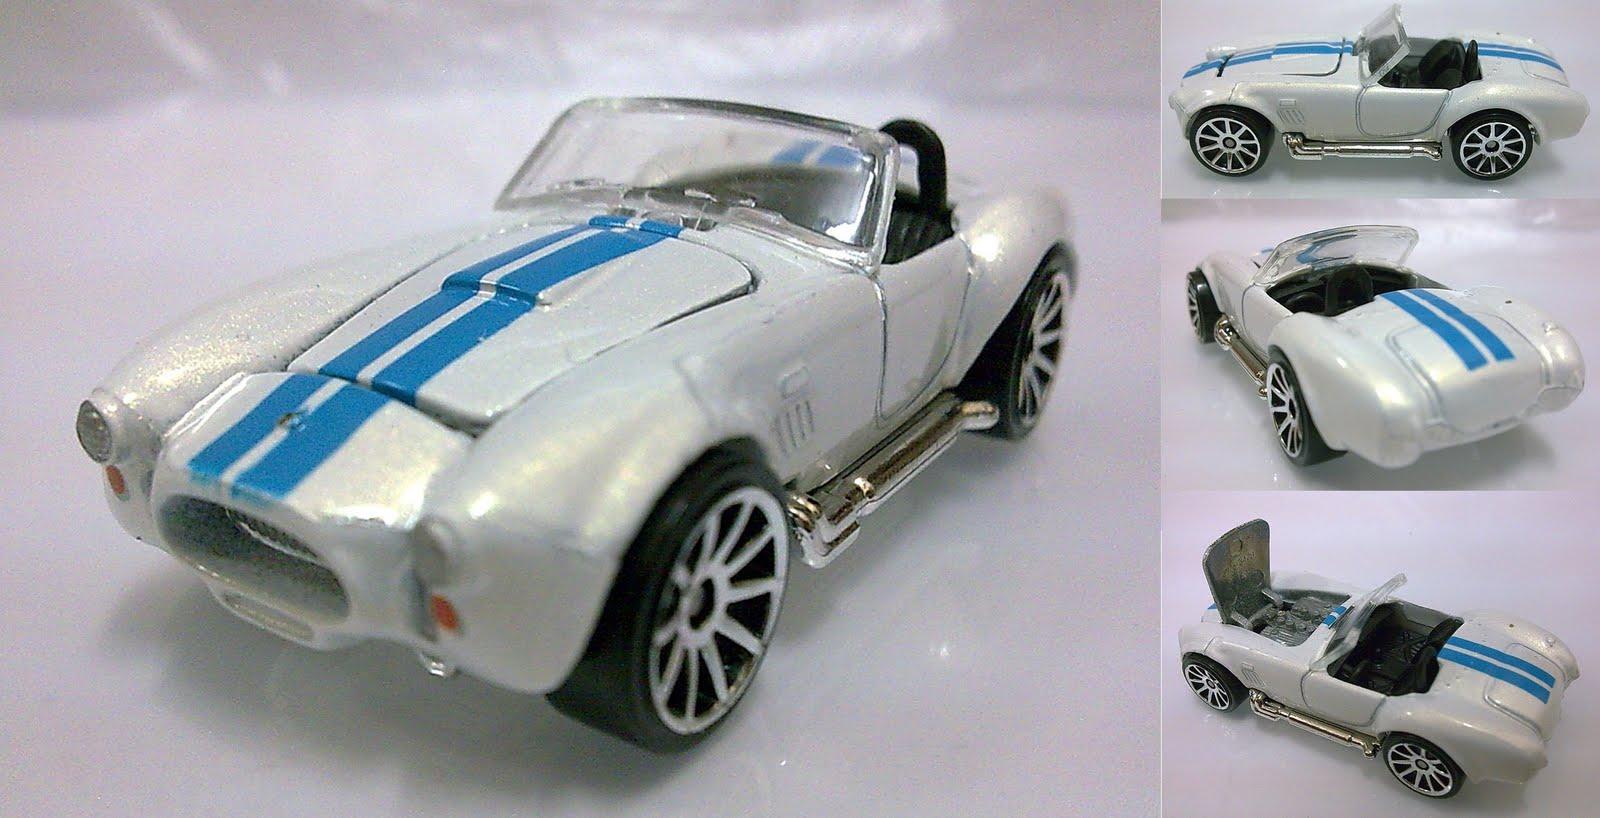 Hotwheels - Shelby Cobra White